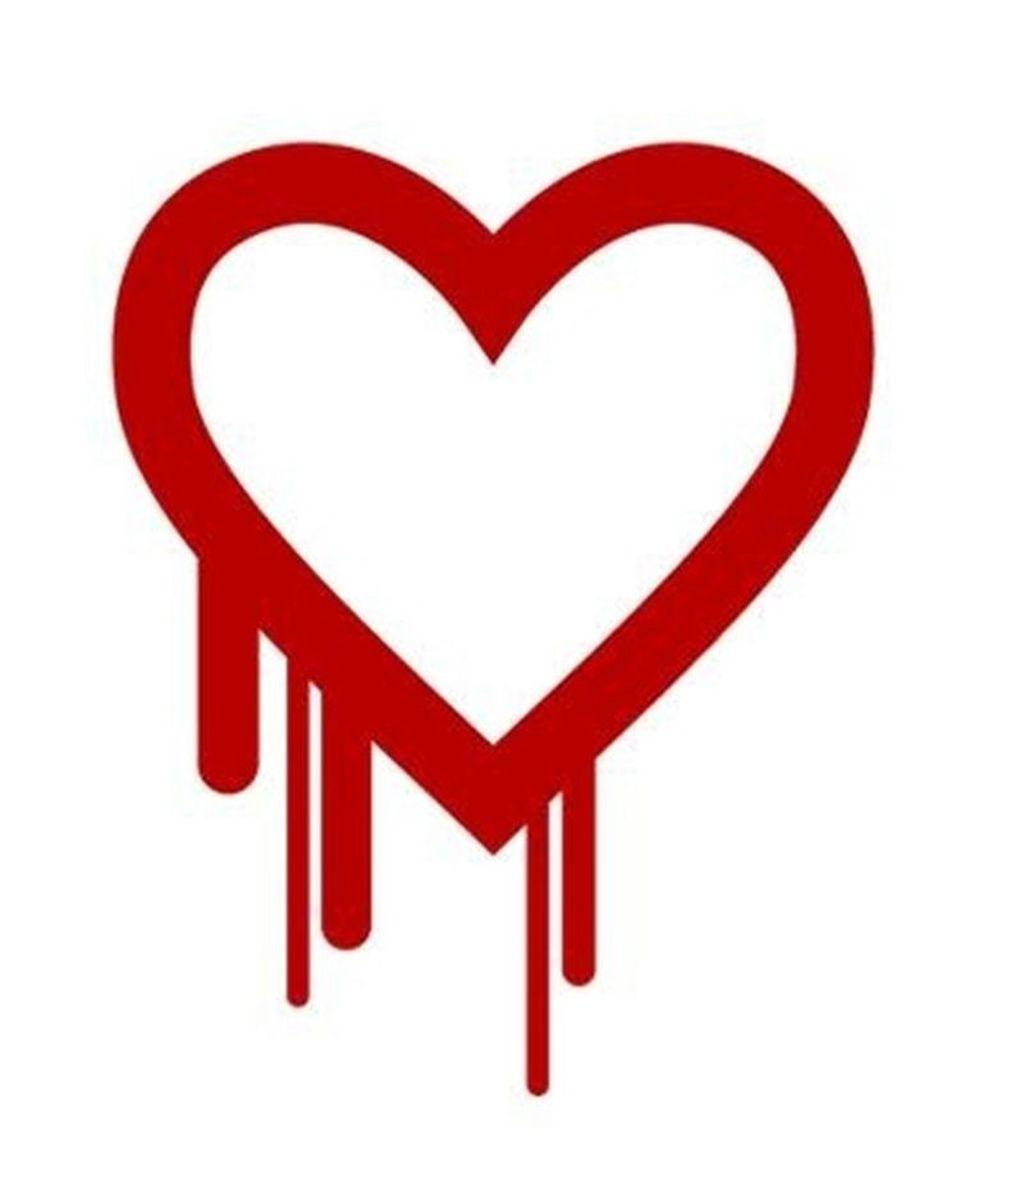 Descubren el mayor fallo de seguridad en Internet: el bug Heartbleed